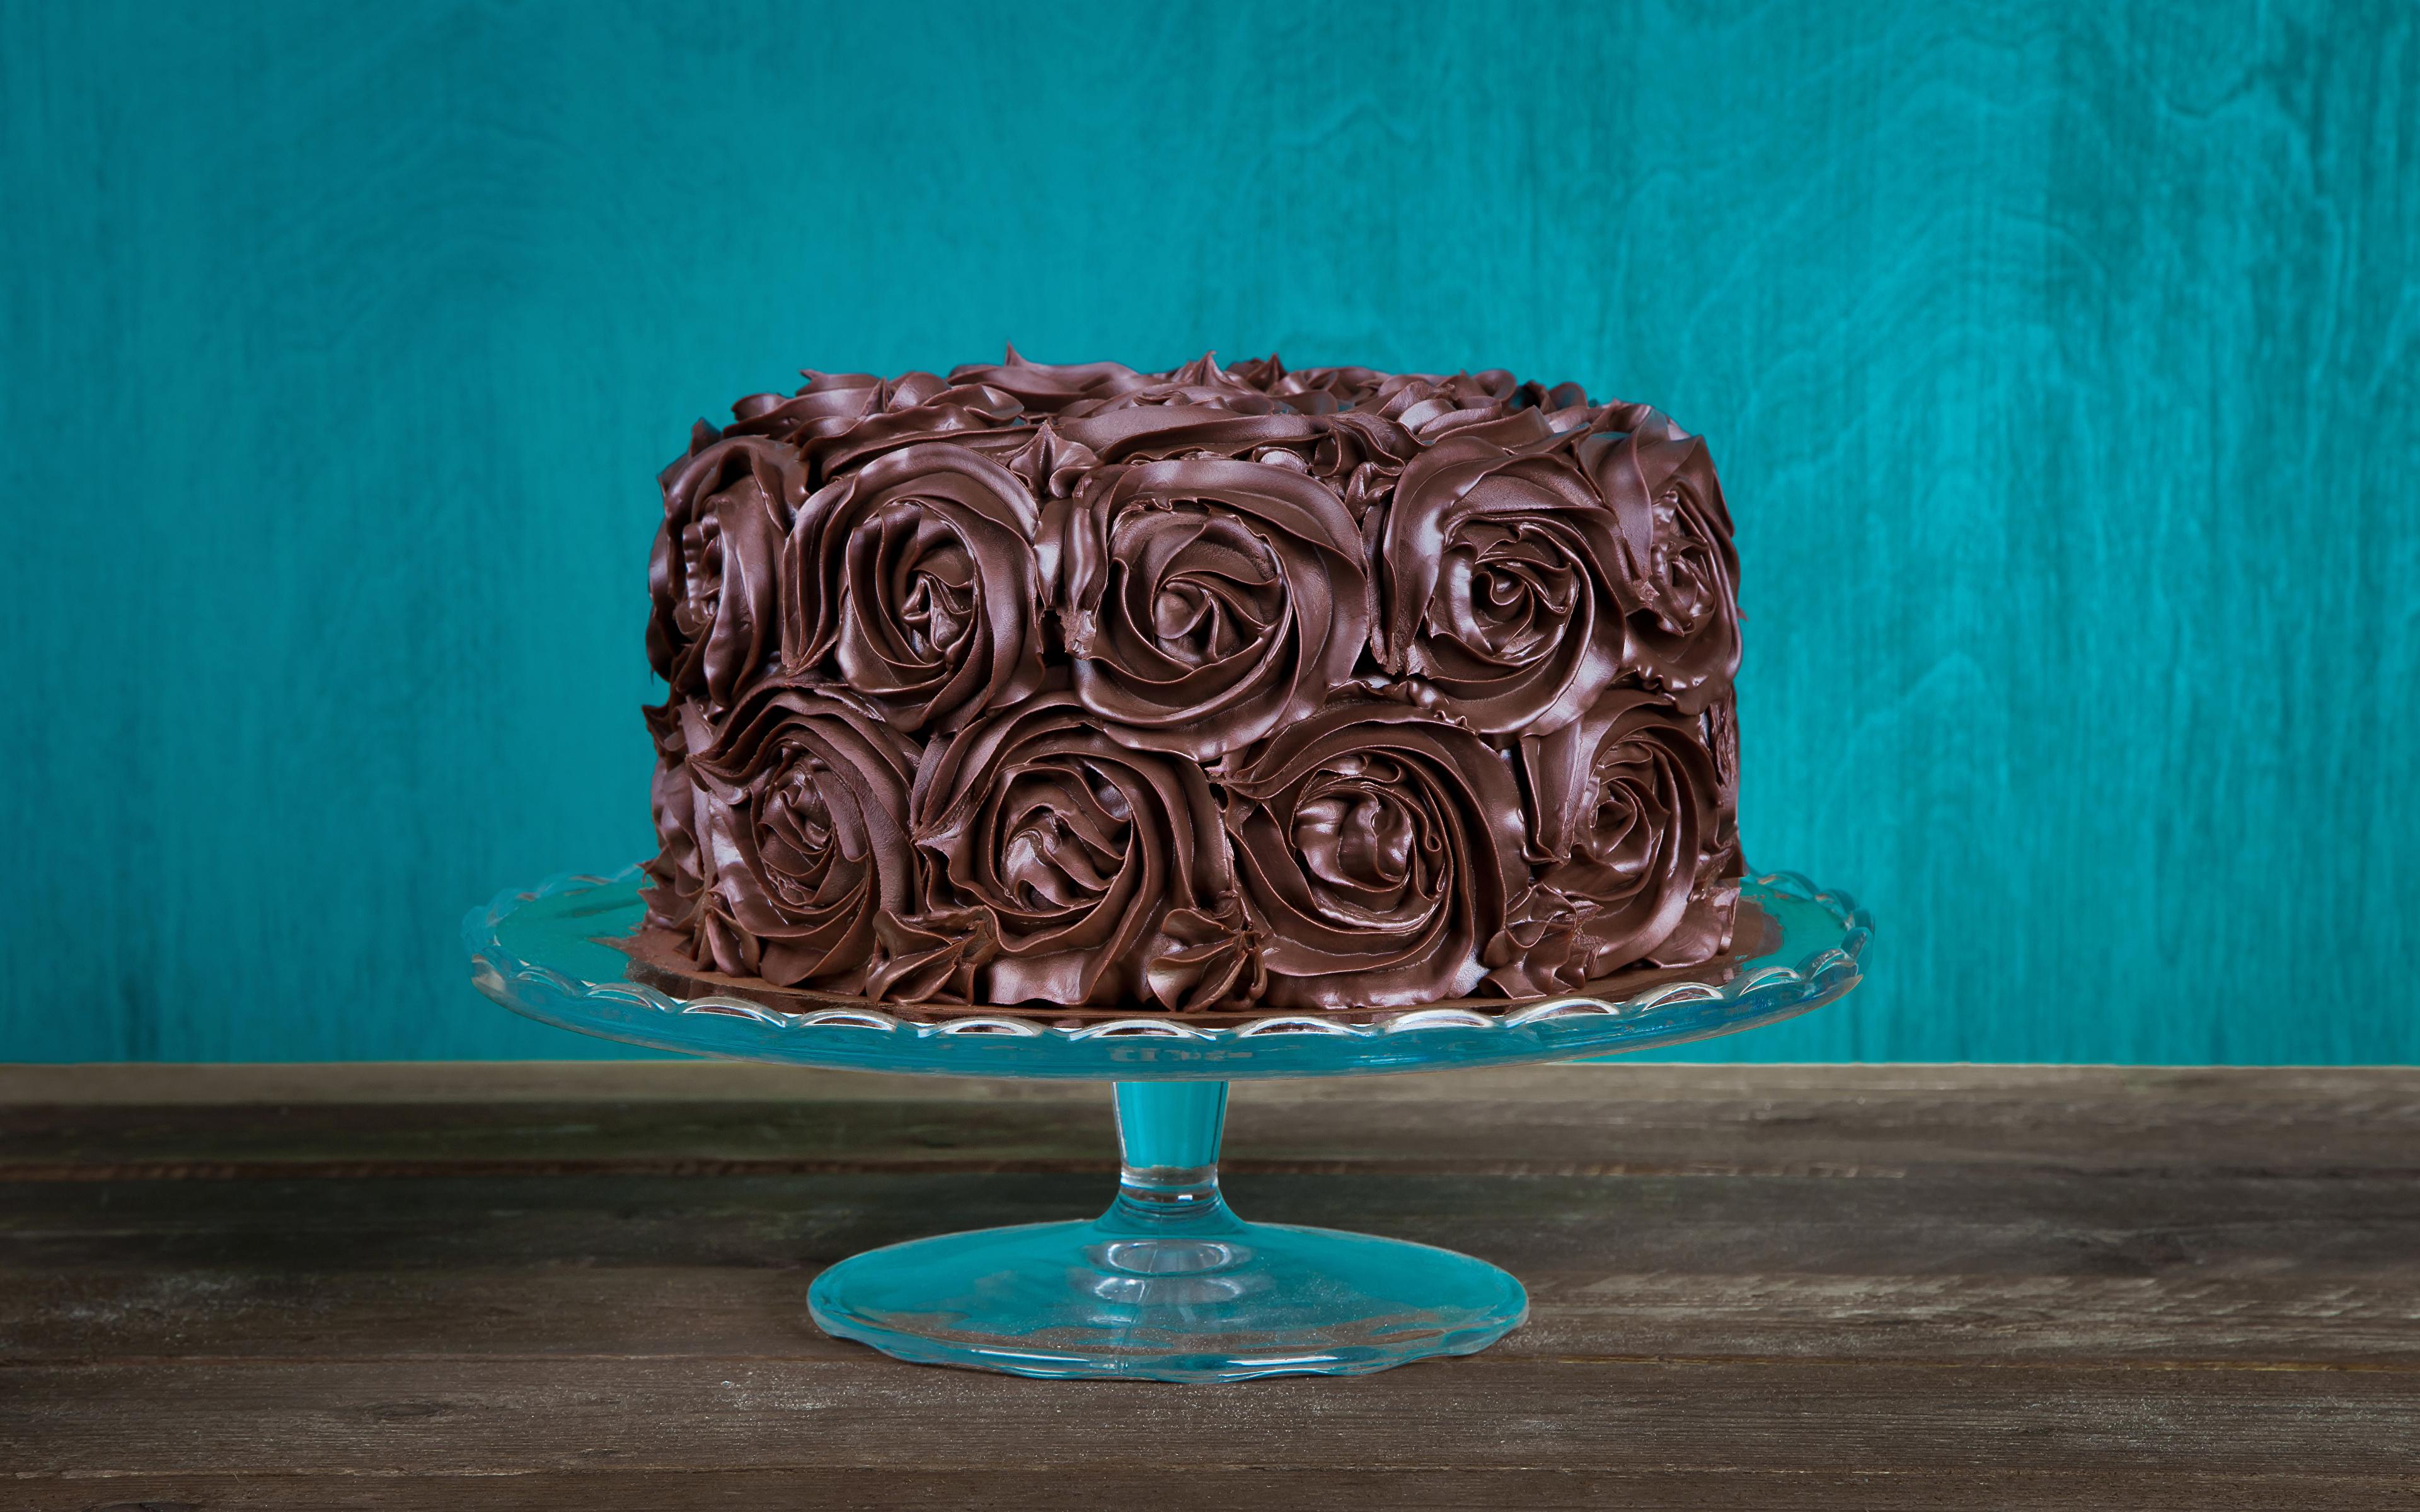 Картинка Шоколад Торты Еда Сладости дизайна 3840x2400 Пища Продукты питания сладкая еда Дизайн